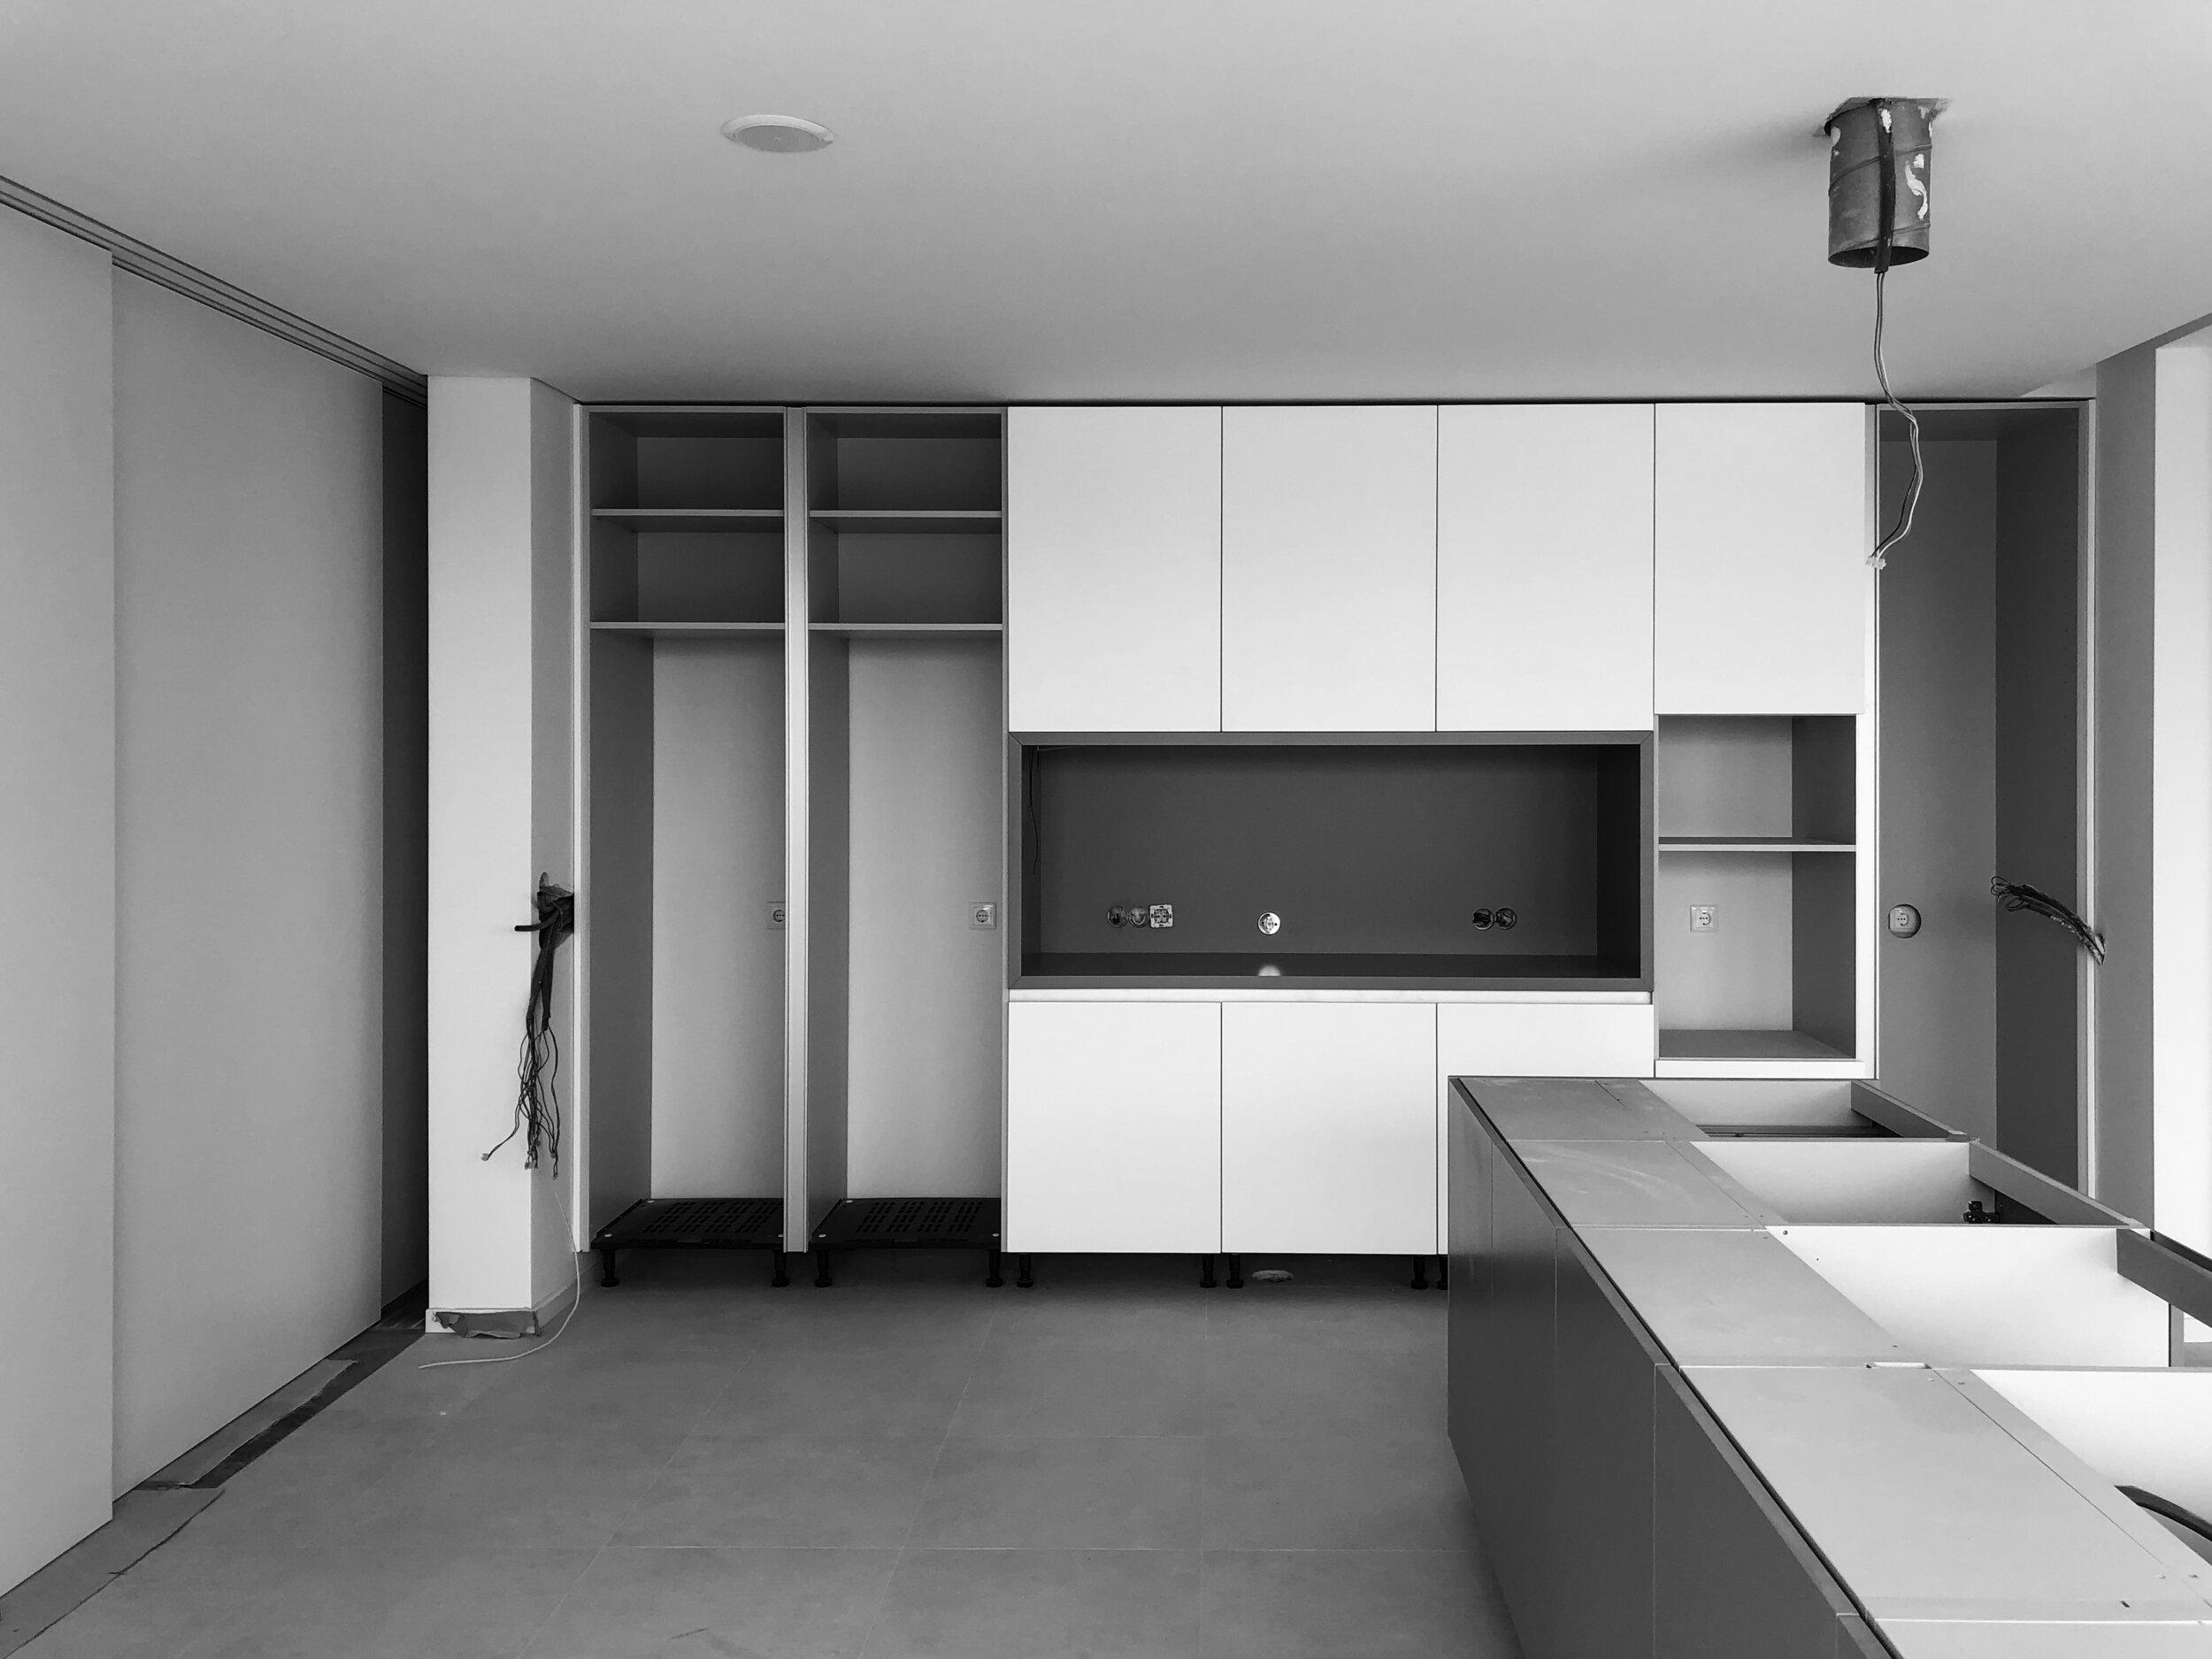 Moradia Alfazema - EVA evolutionary architecture - arquitetura - habitação (12).jpg